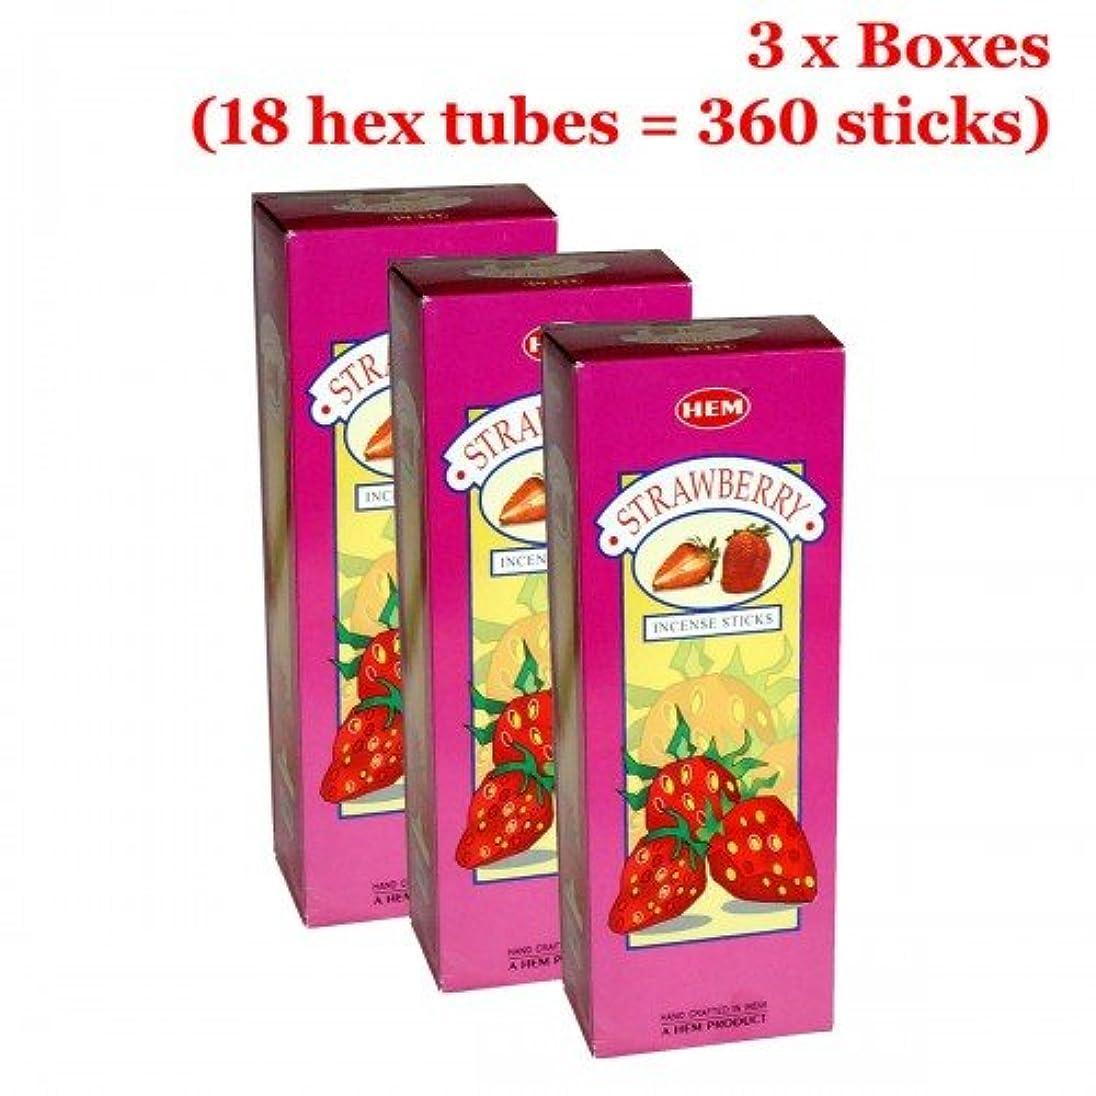 素子小康下に向けますHemストロベリー香、3ボックス – (360 Sticksバルクper order)